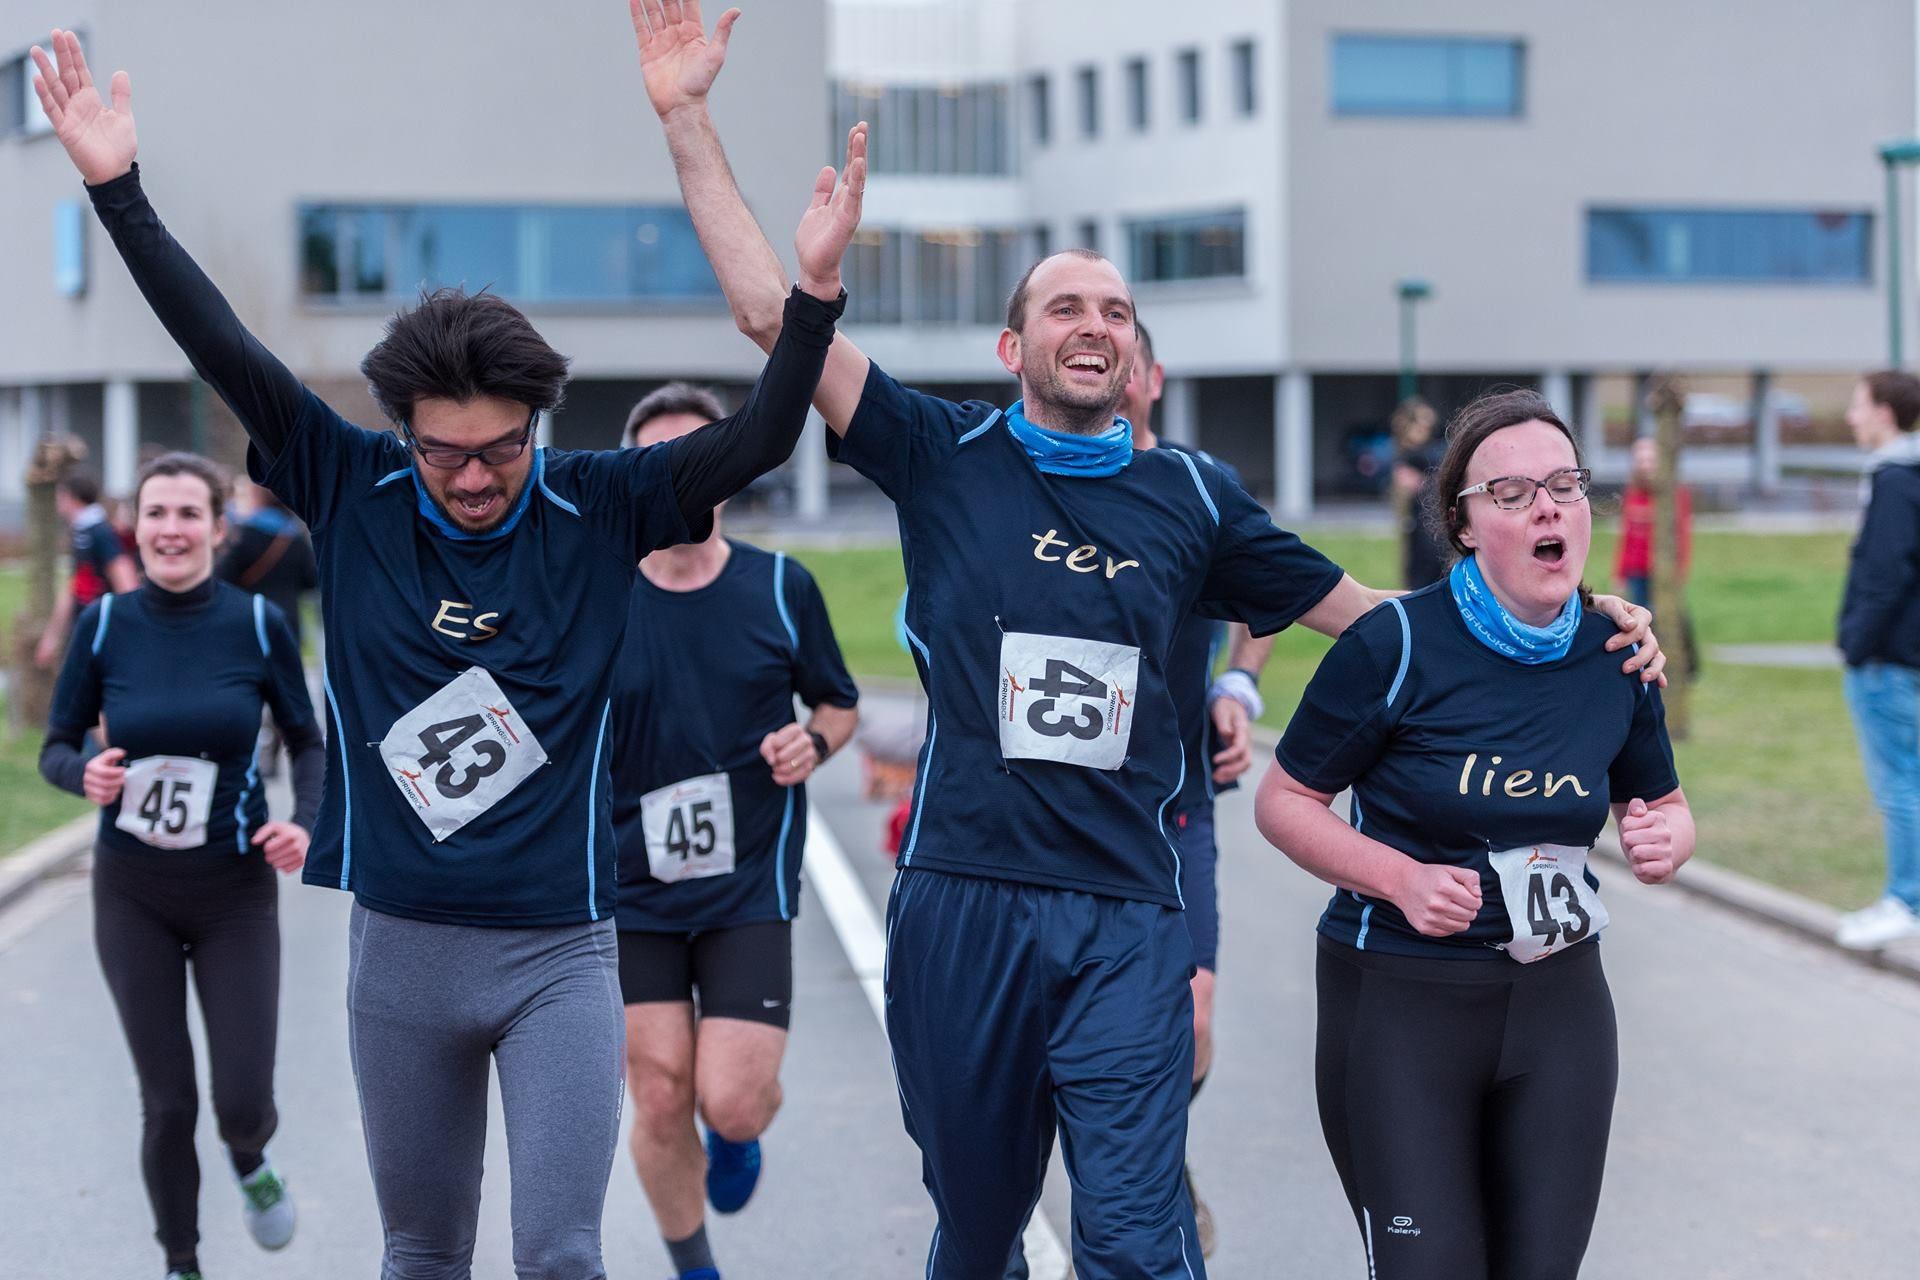 Carreer Team run